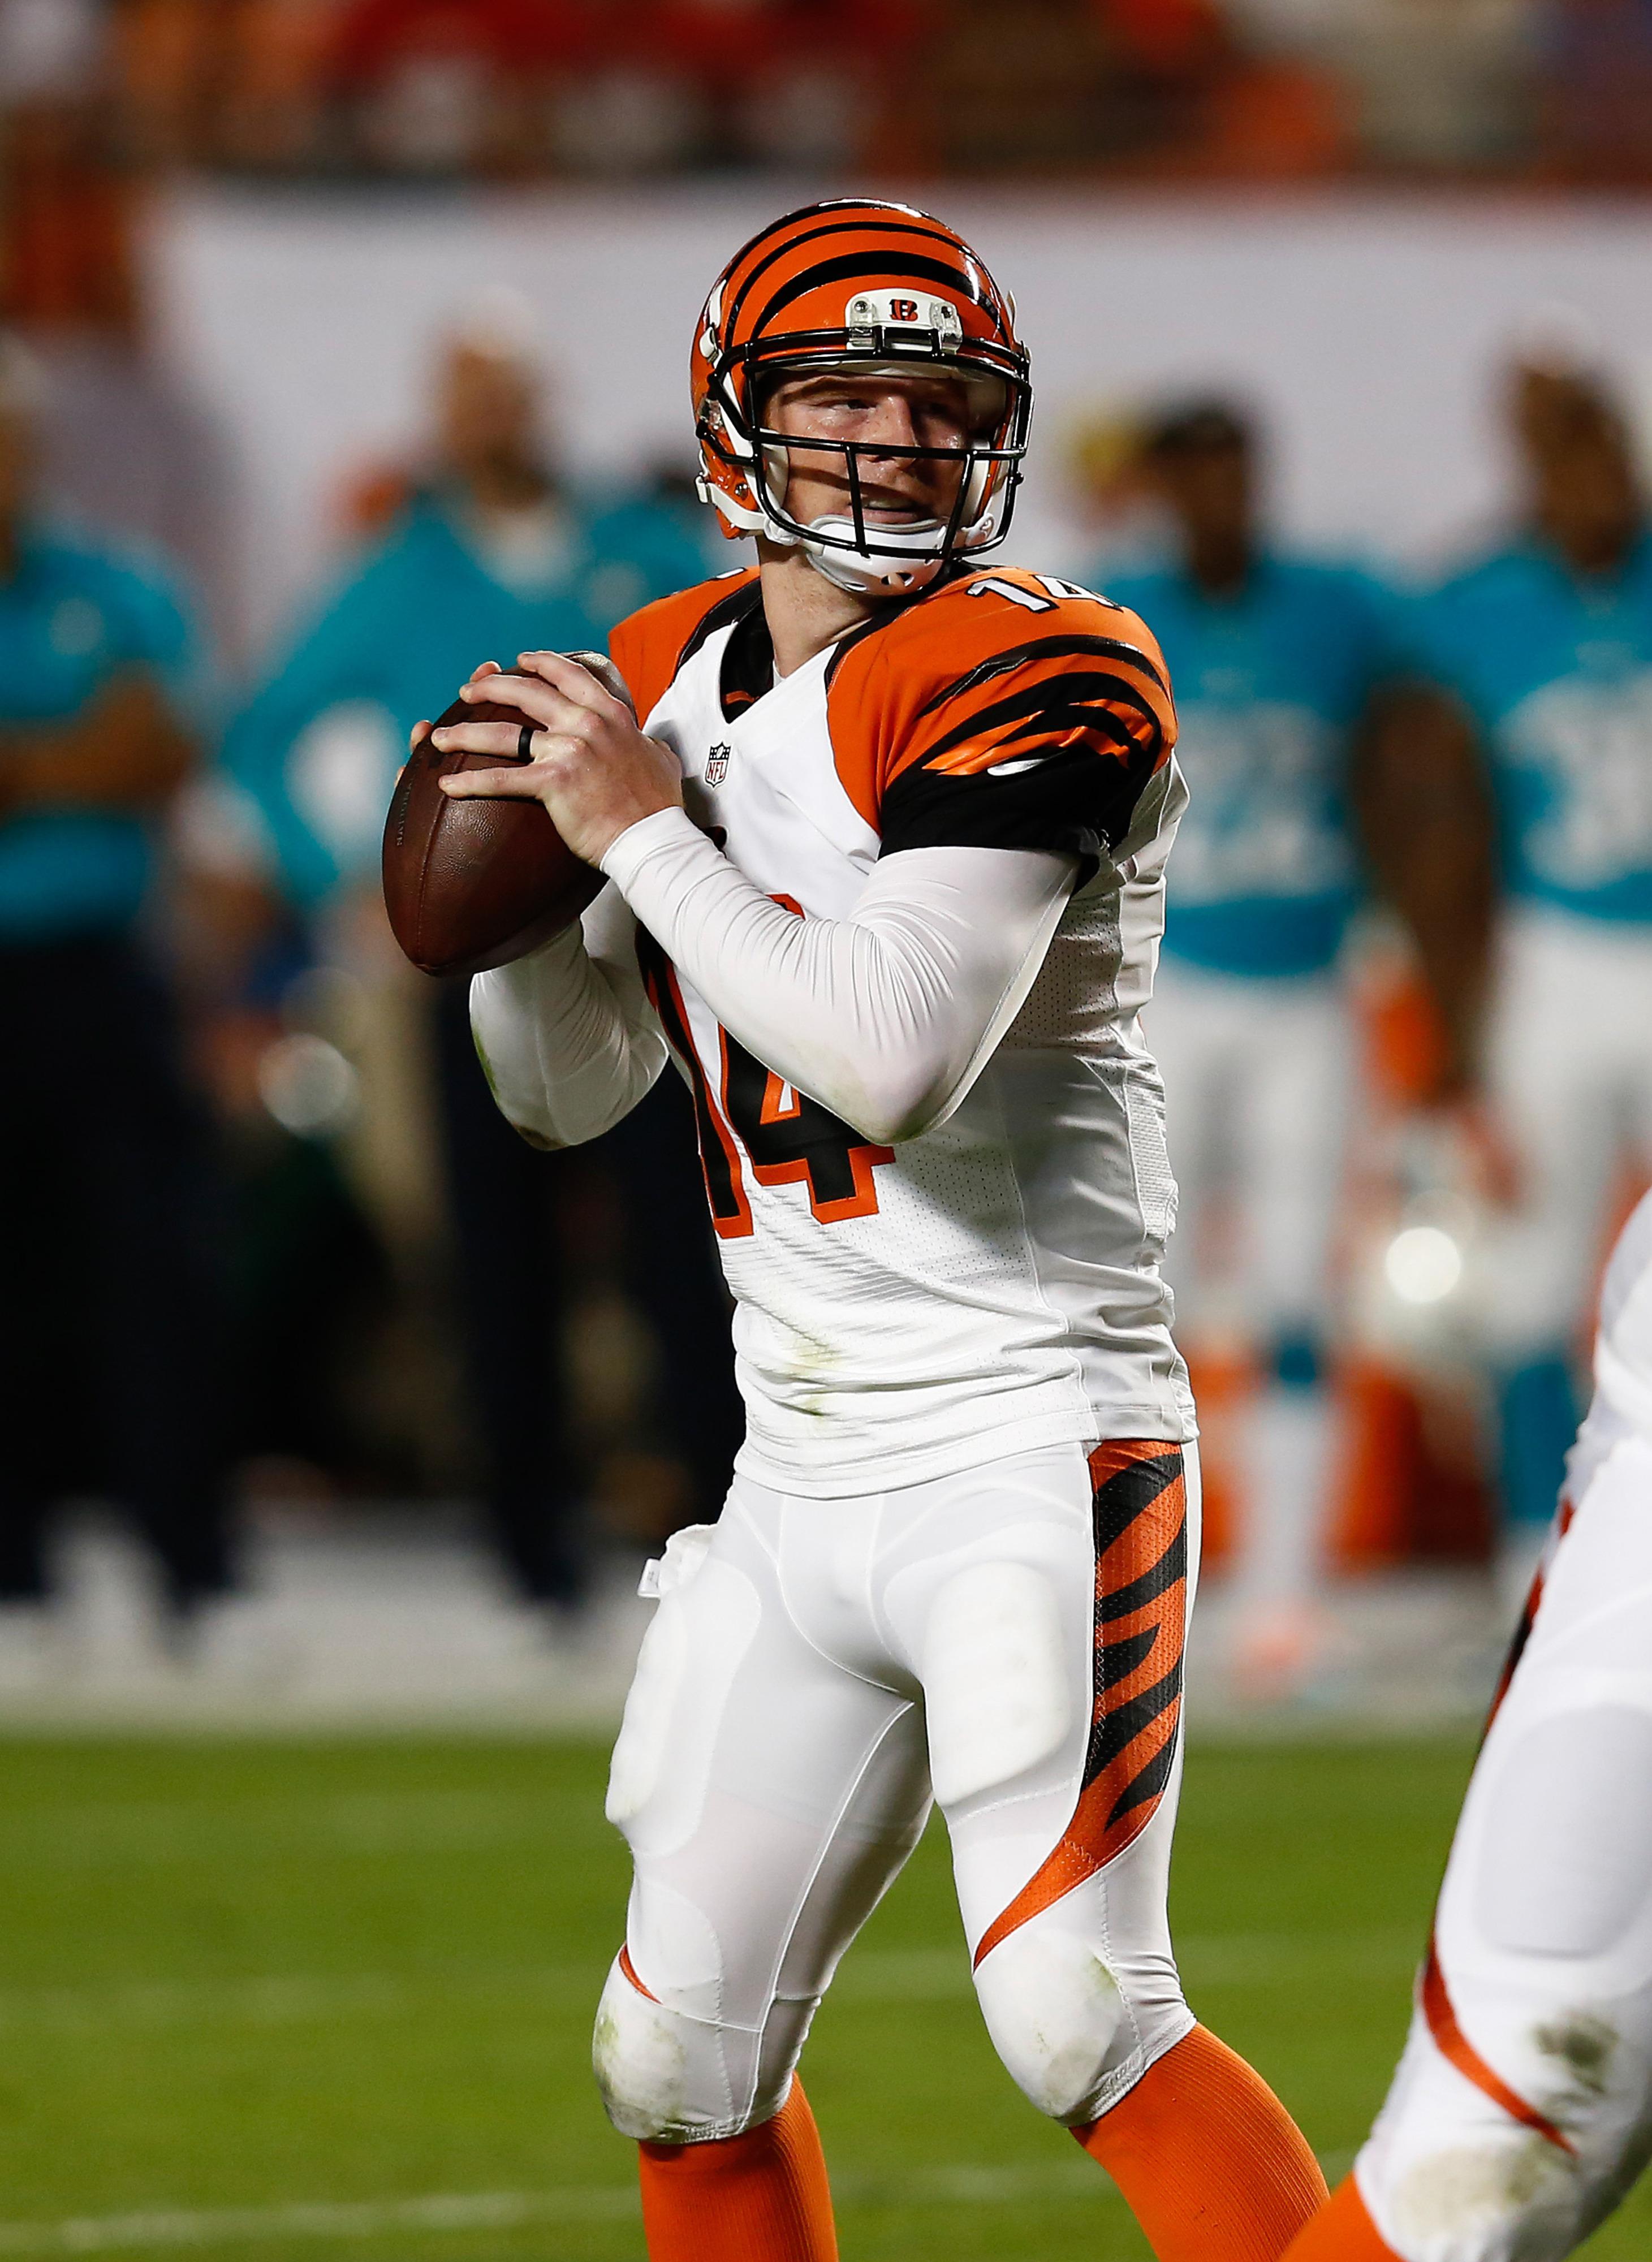 Bengals vs. Ravens 2013 picks and predictions: Experts favor Cincinnati on the road